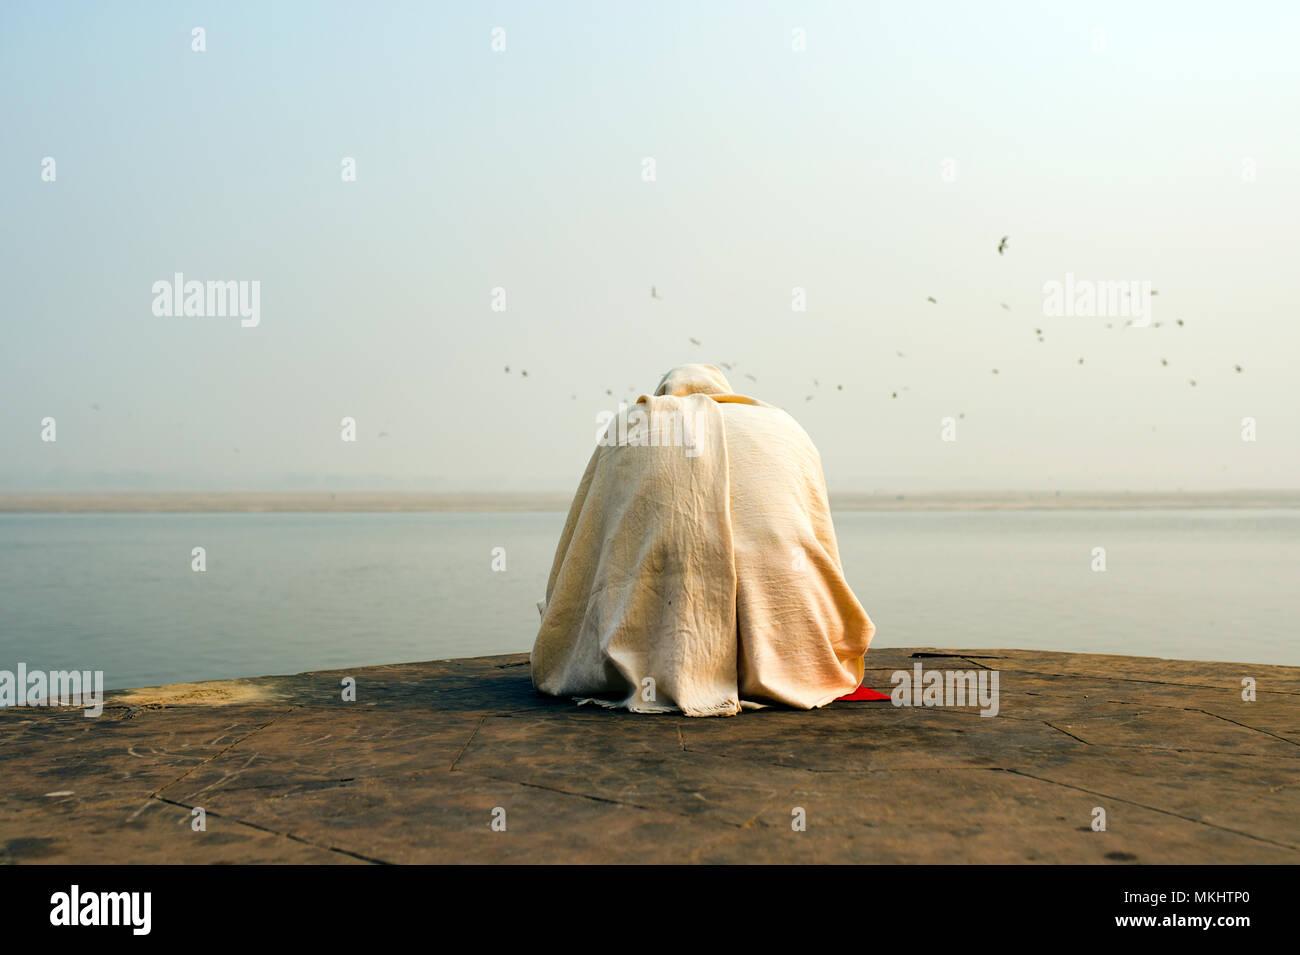 Un hombre vestido de blanco santo rezando y meditando en uno de los numerosos Ghats de Varanasi en frente del río sagrado Ganges, India. Foto de stock